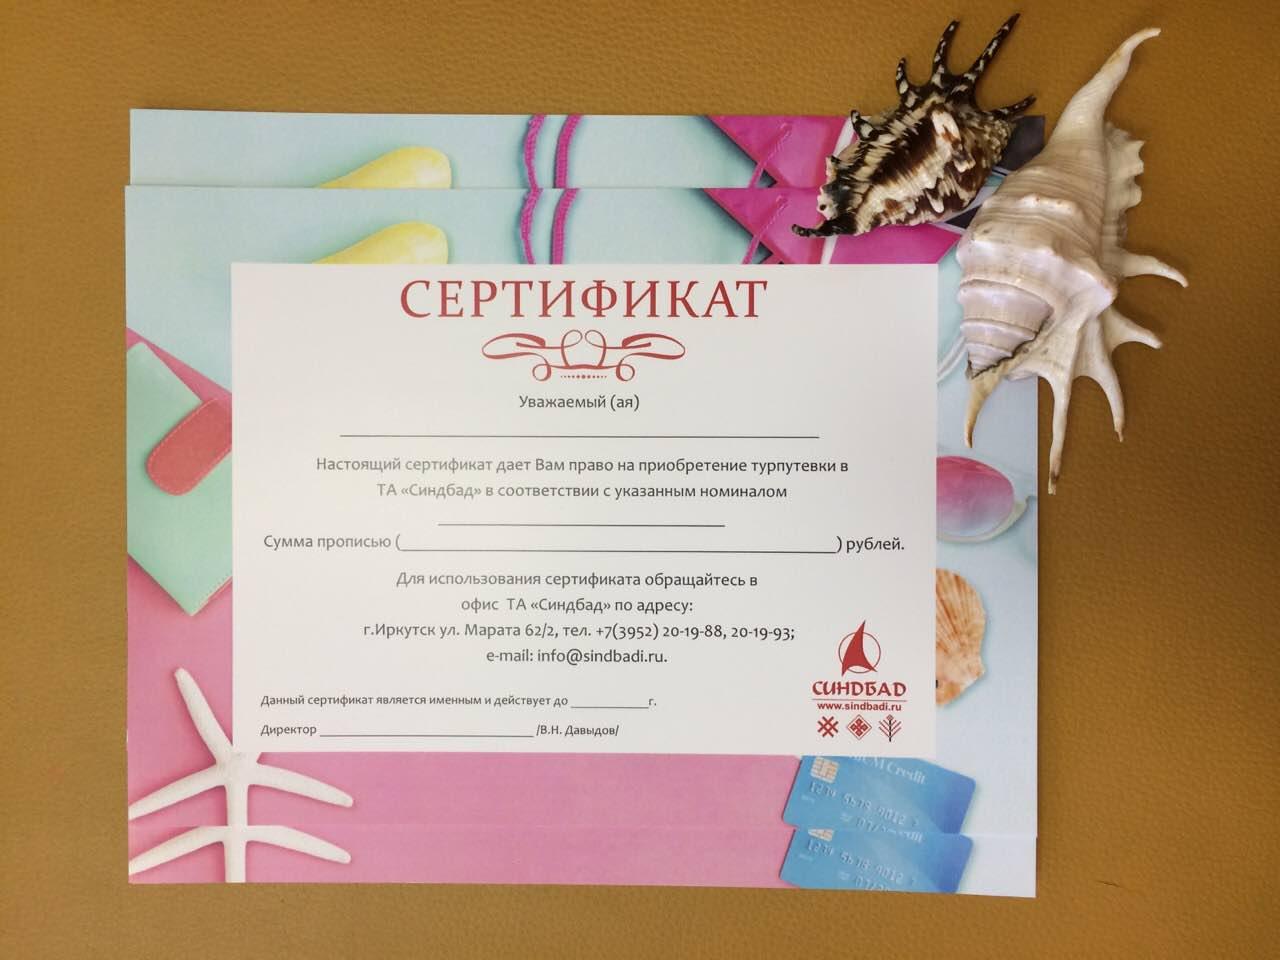 Сертификат на путешествие в подарок своими руками